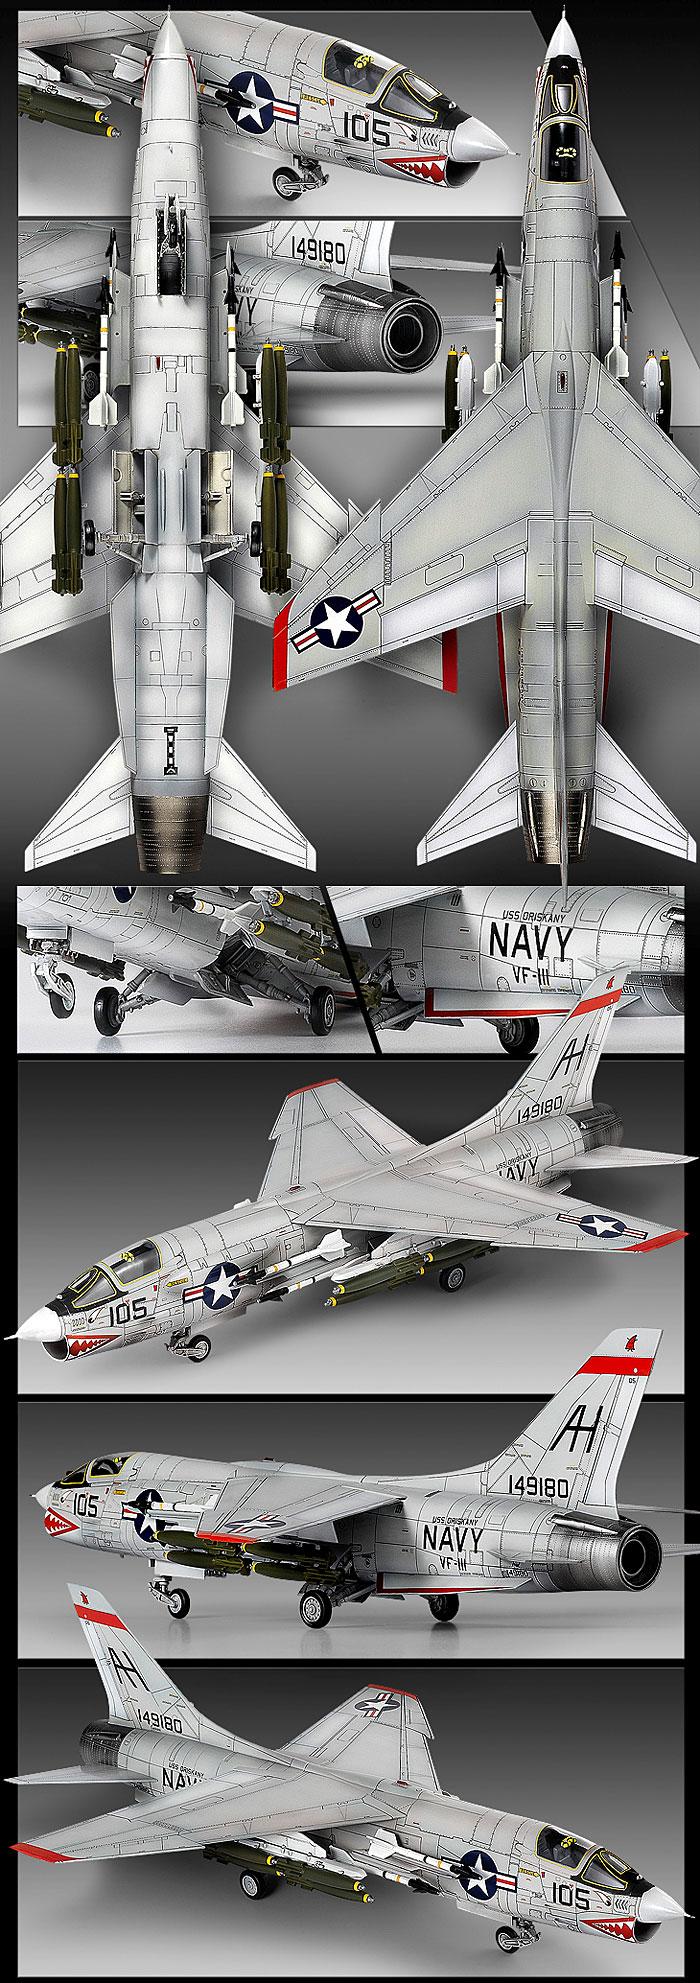 F-8E クルセイダー VF-111 サンダウナーズプラモデル(アカデミー1/72 Scale AircraftsNo.12434)商品画像_2